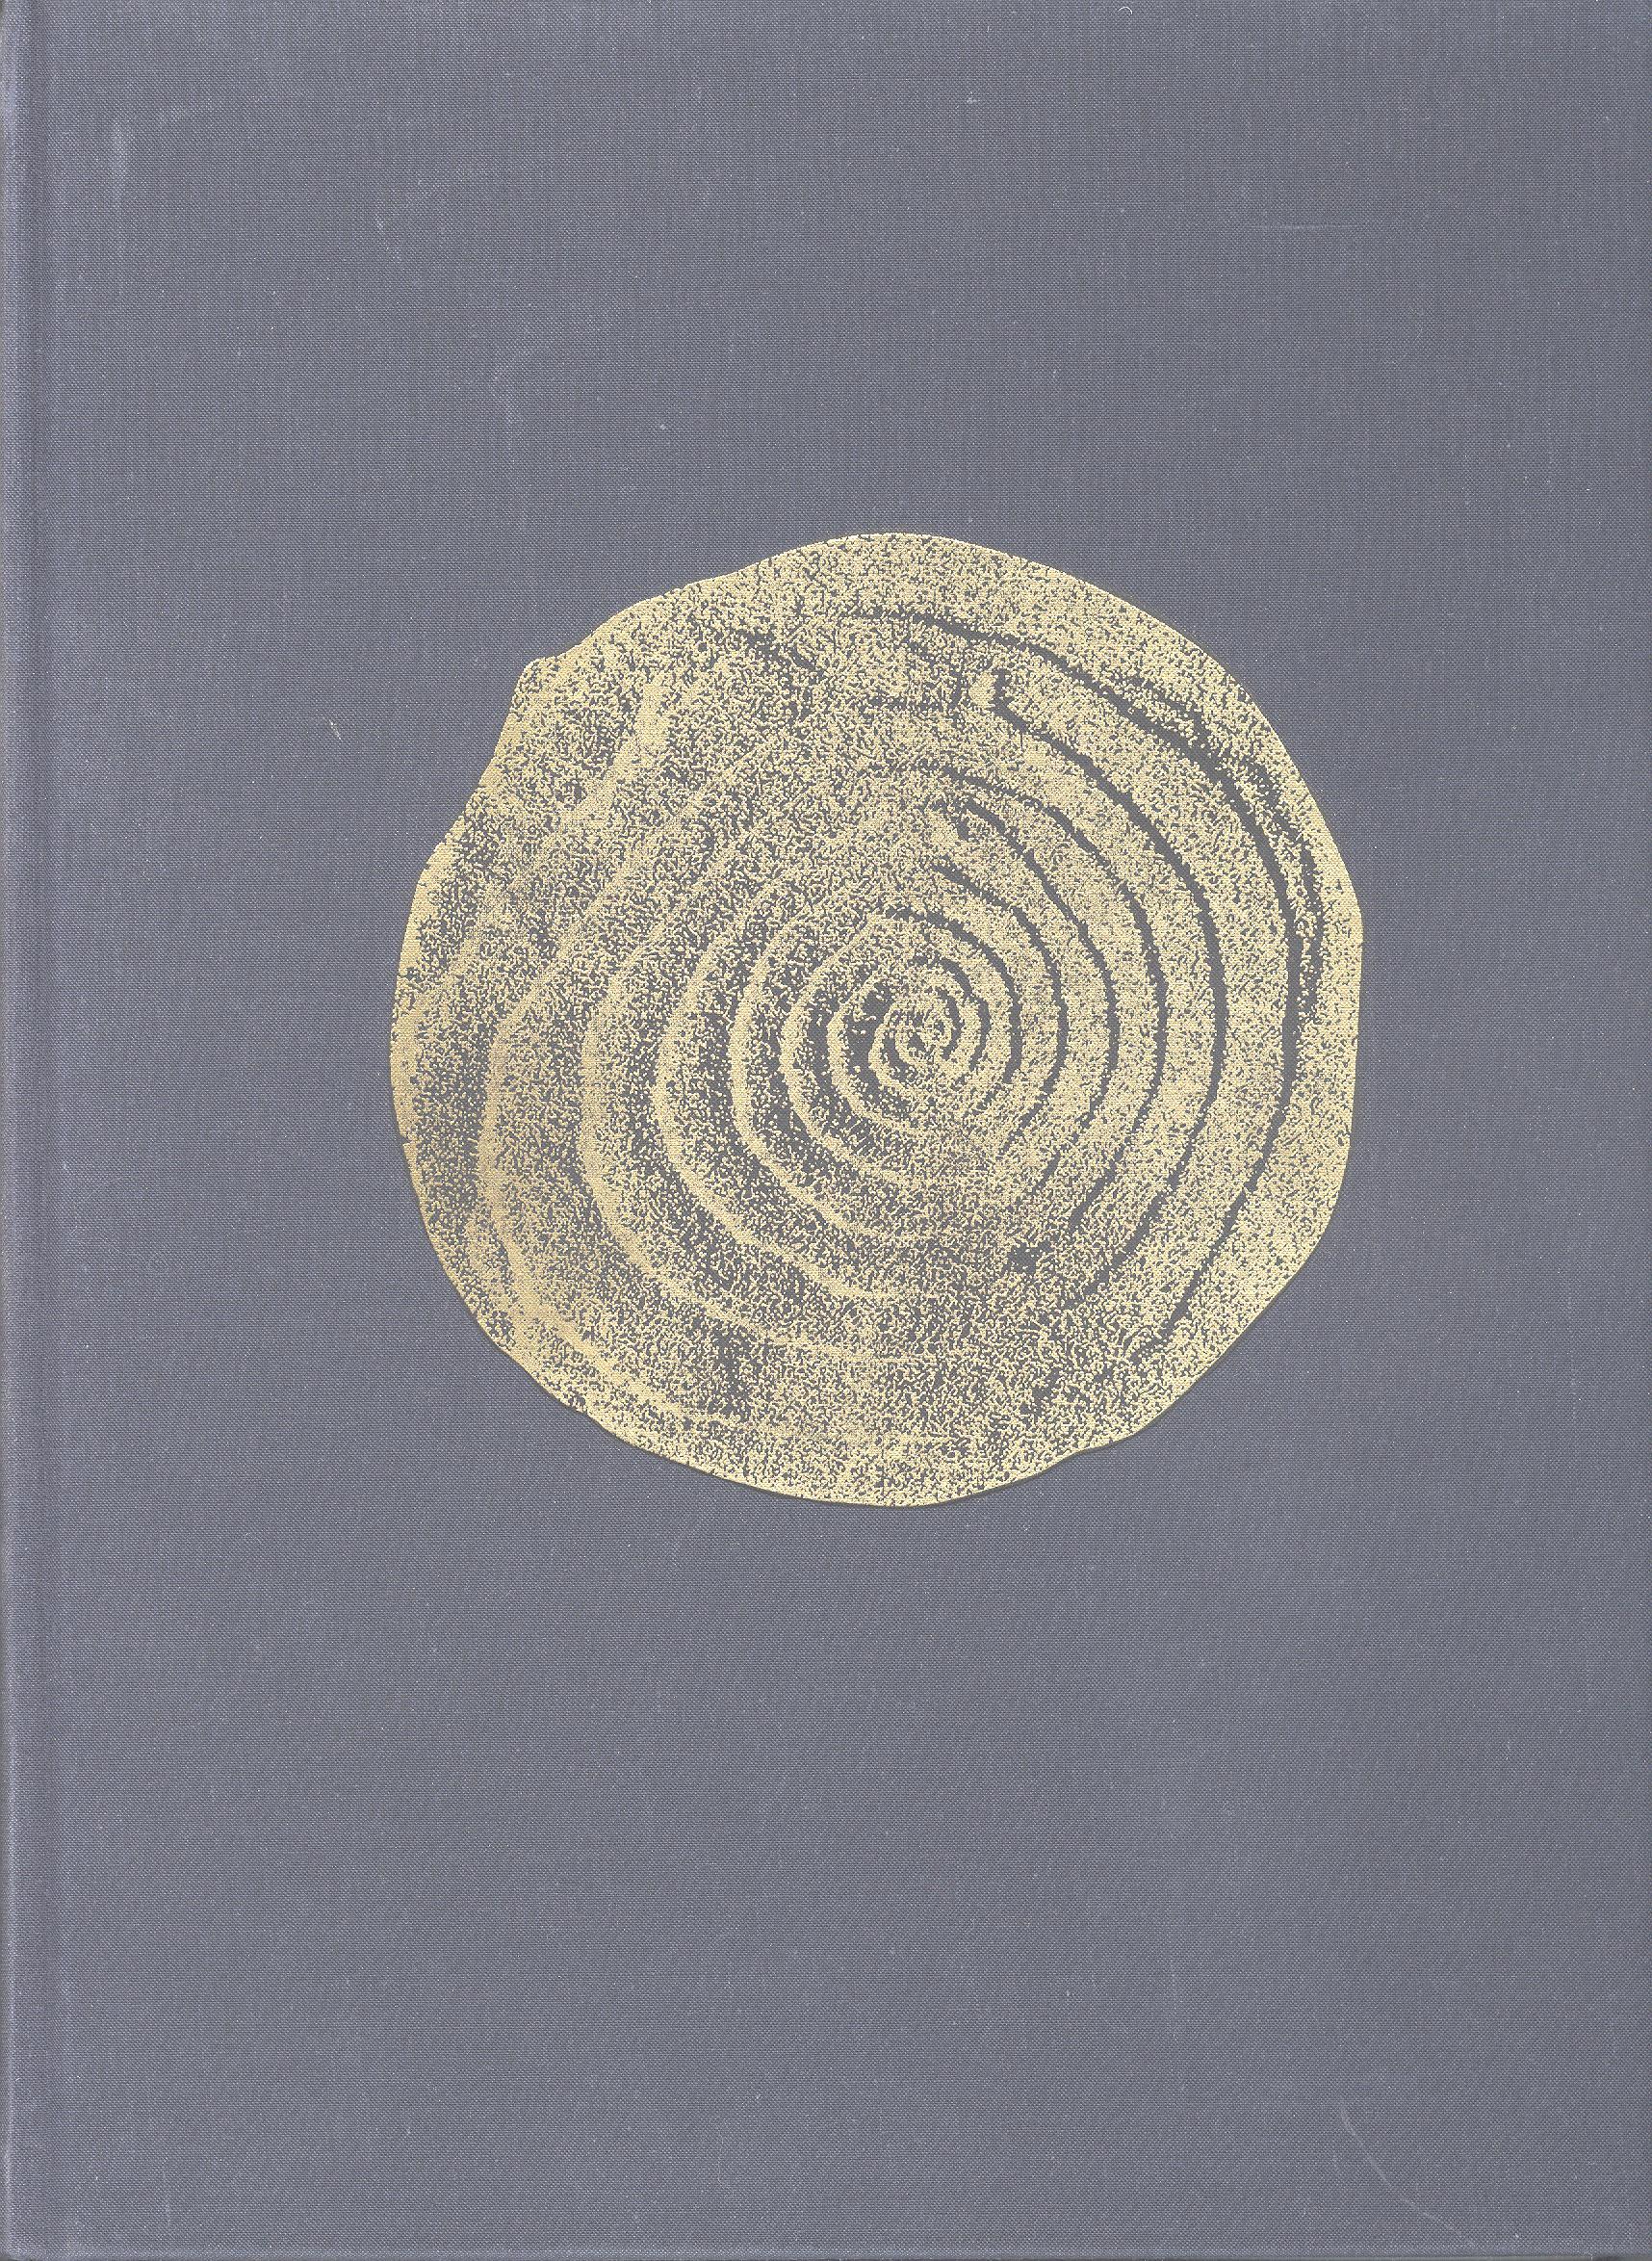 Enciclopedia della Scienza e della Tecnica - Vol. III